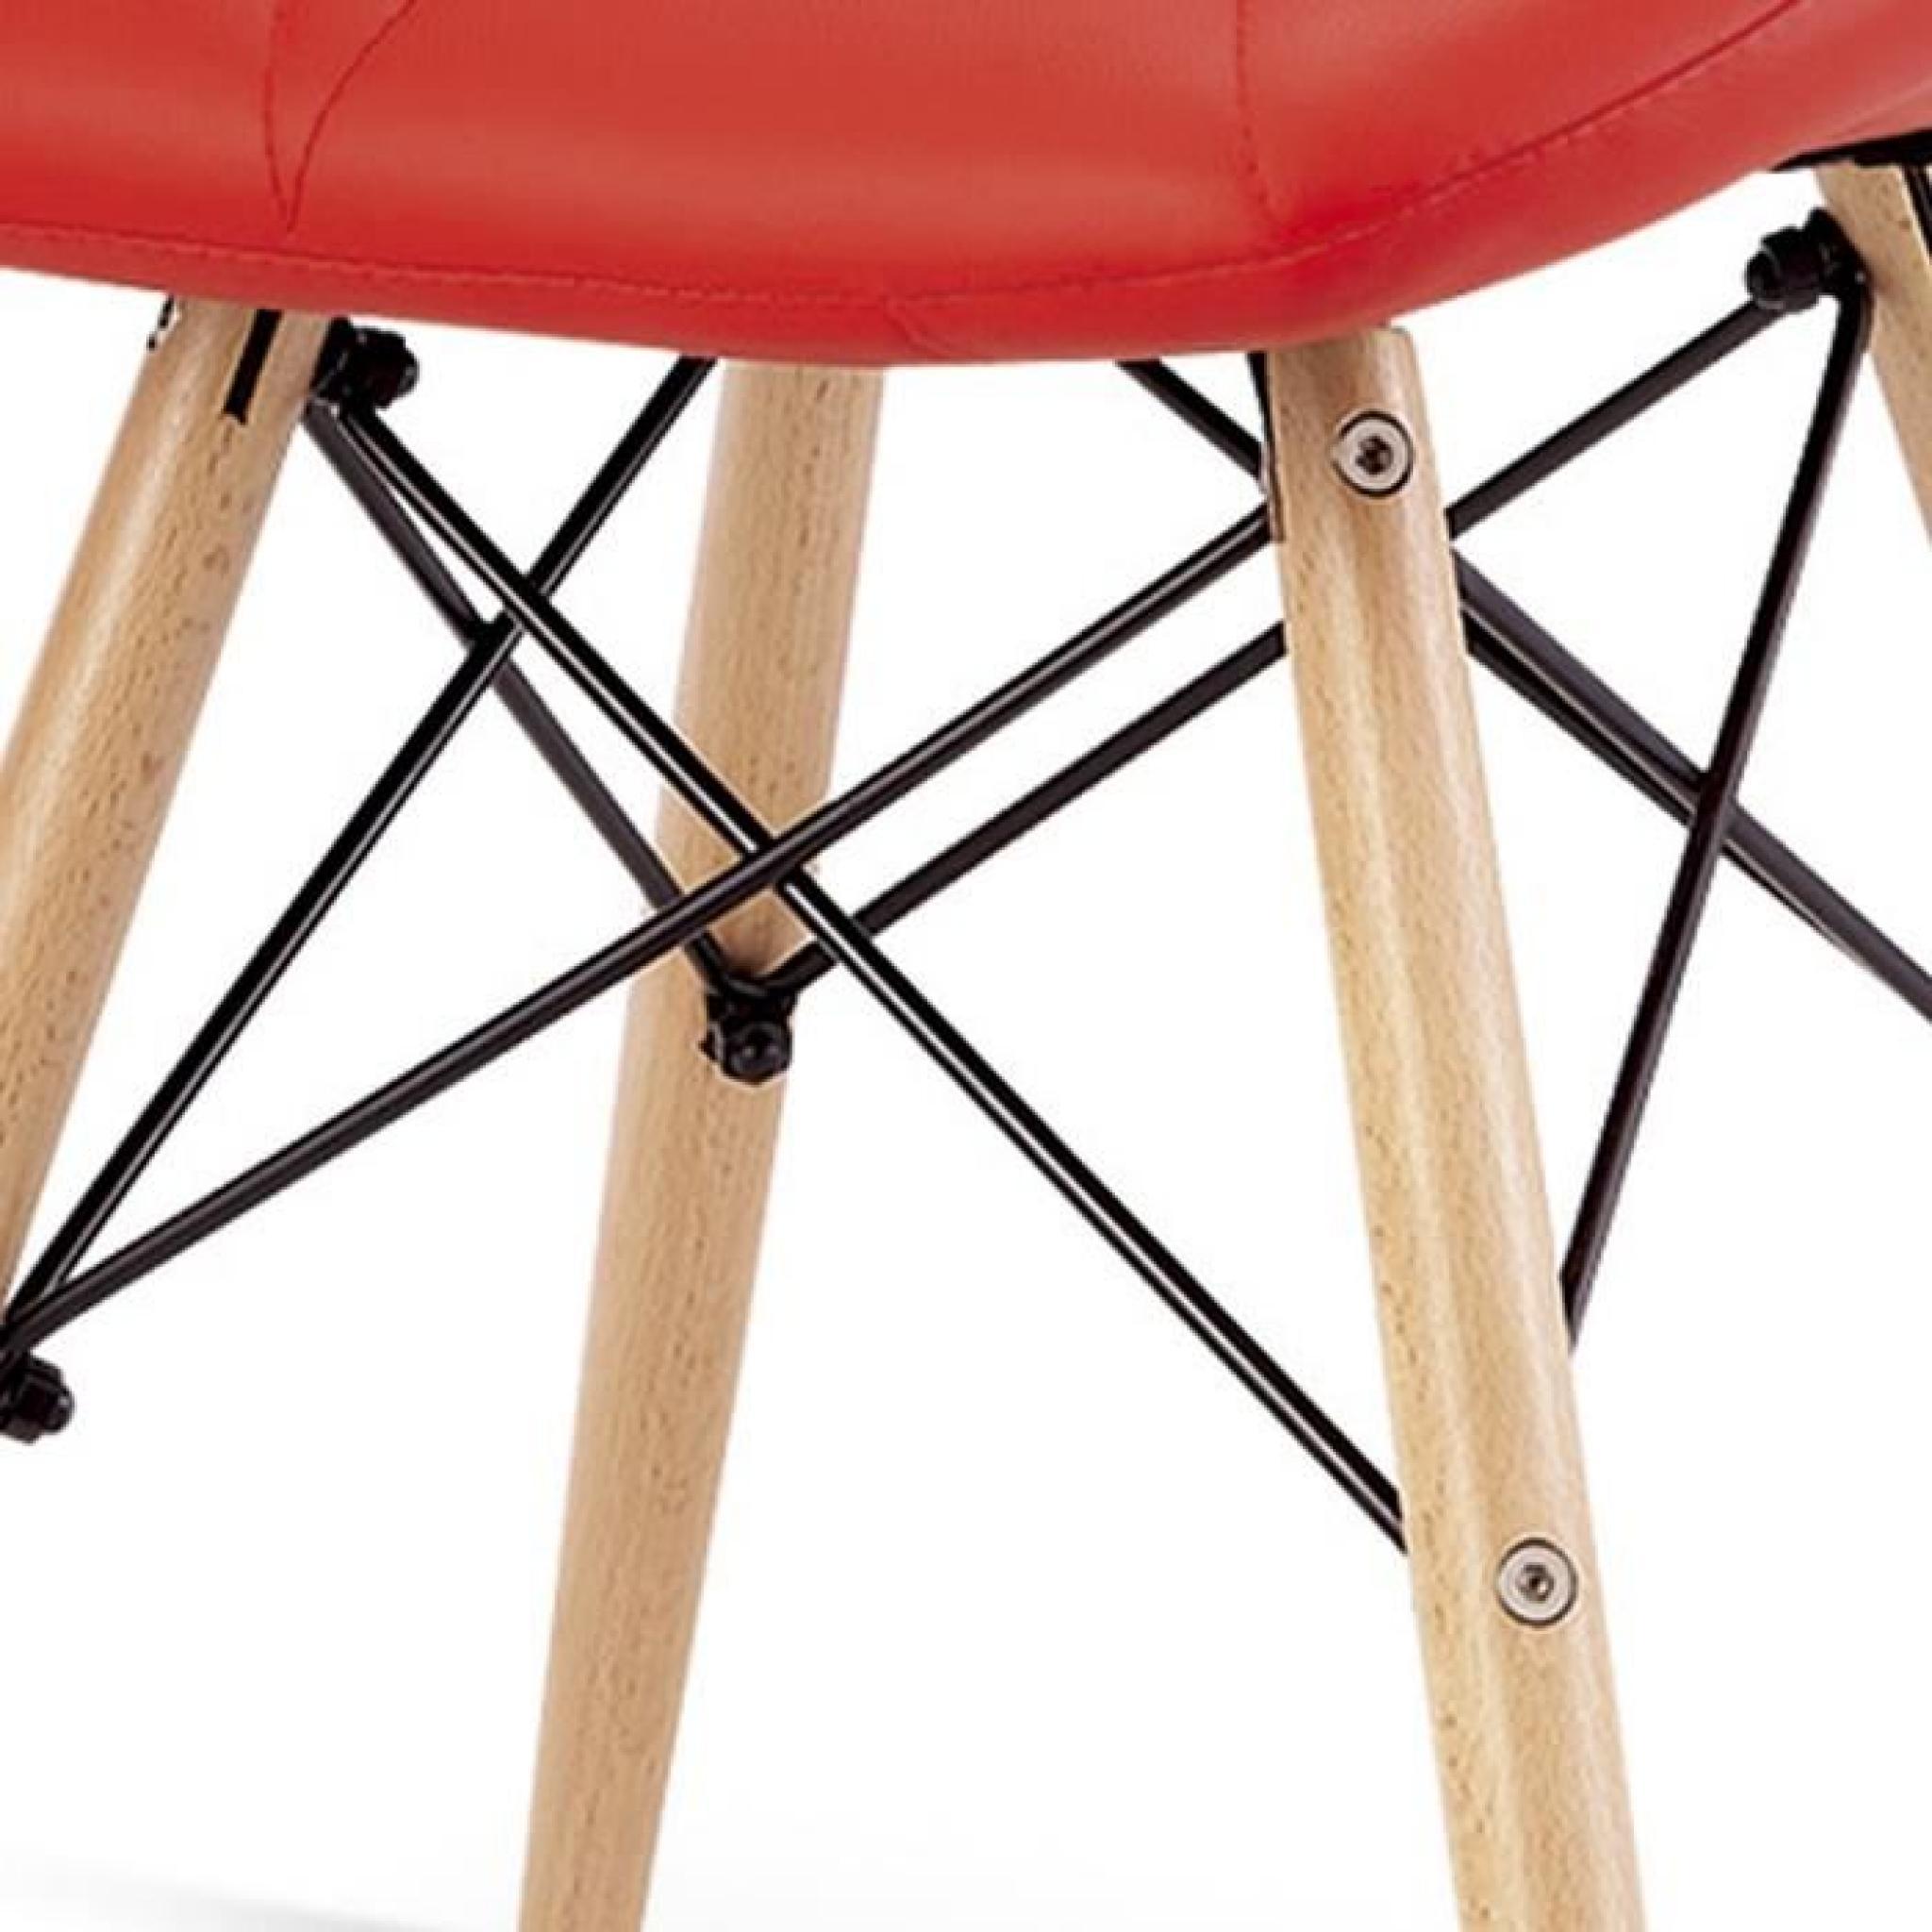 Chaise design ophir rouge pied en bois achat vente chaise salle a manger pa - Chaise en bois blanc pas cher ...